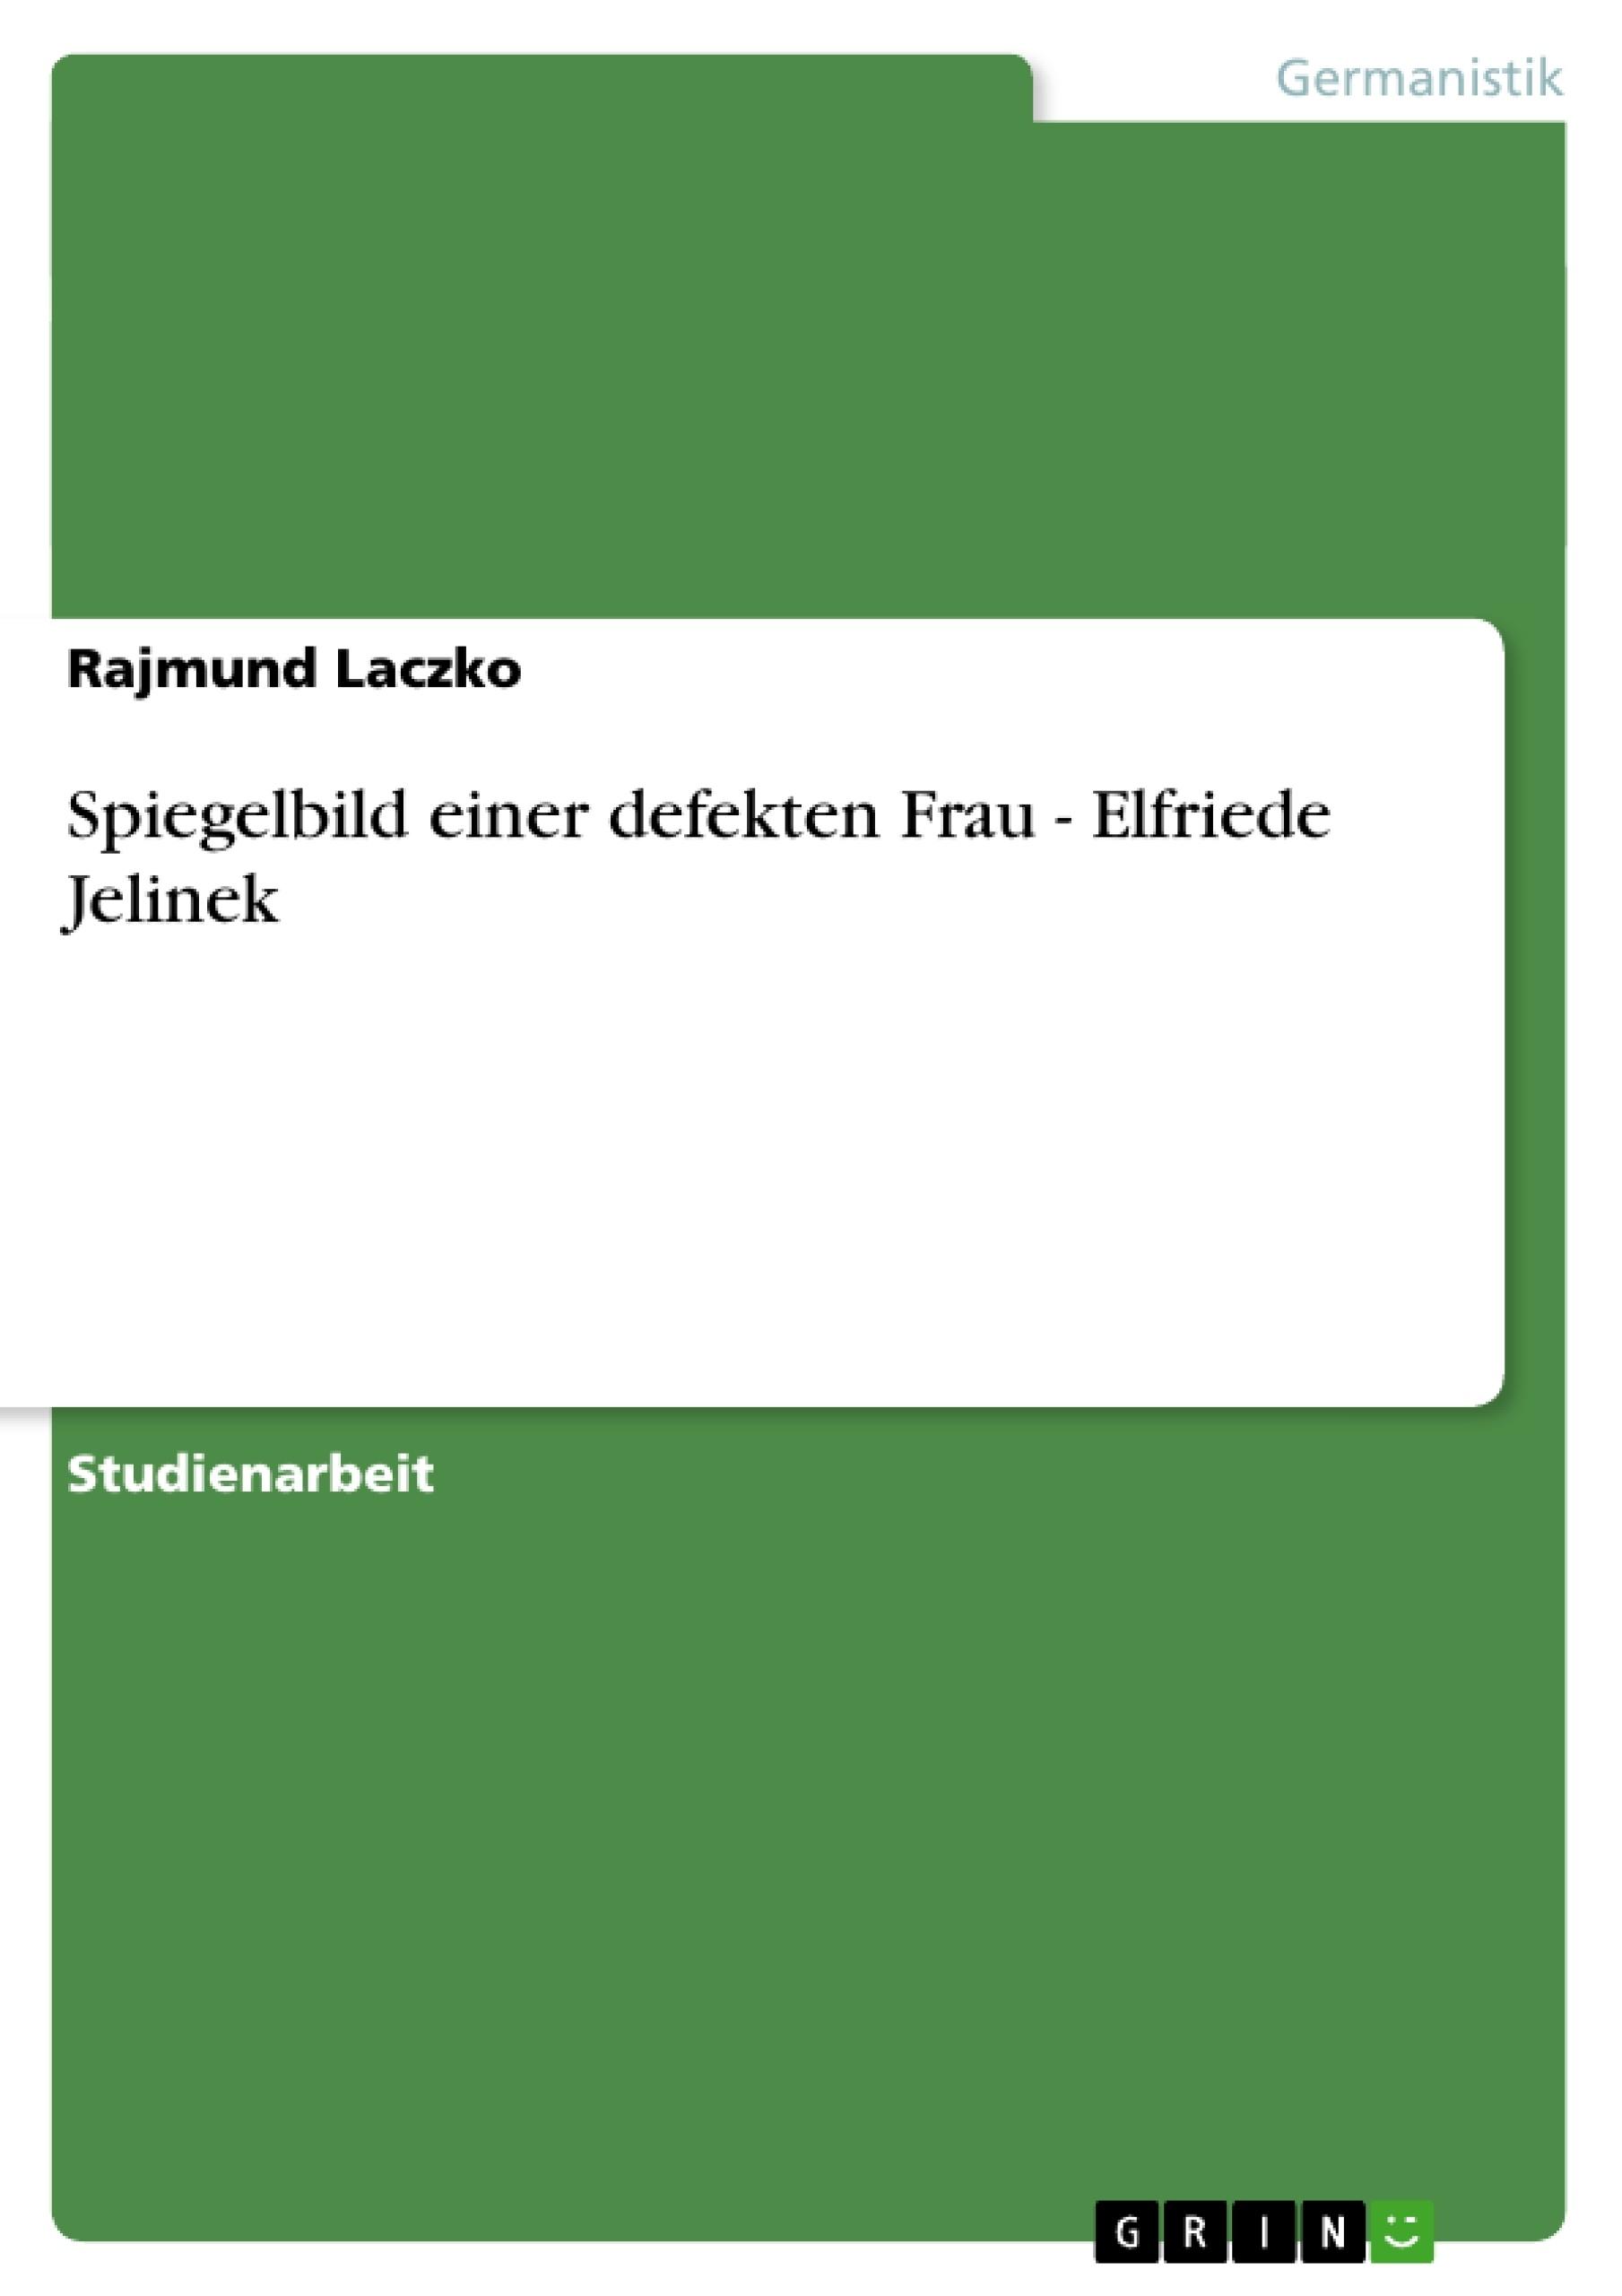 Titel: Spiegelbild einer defekten Frau - Elfriede Jelinek